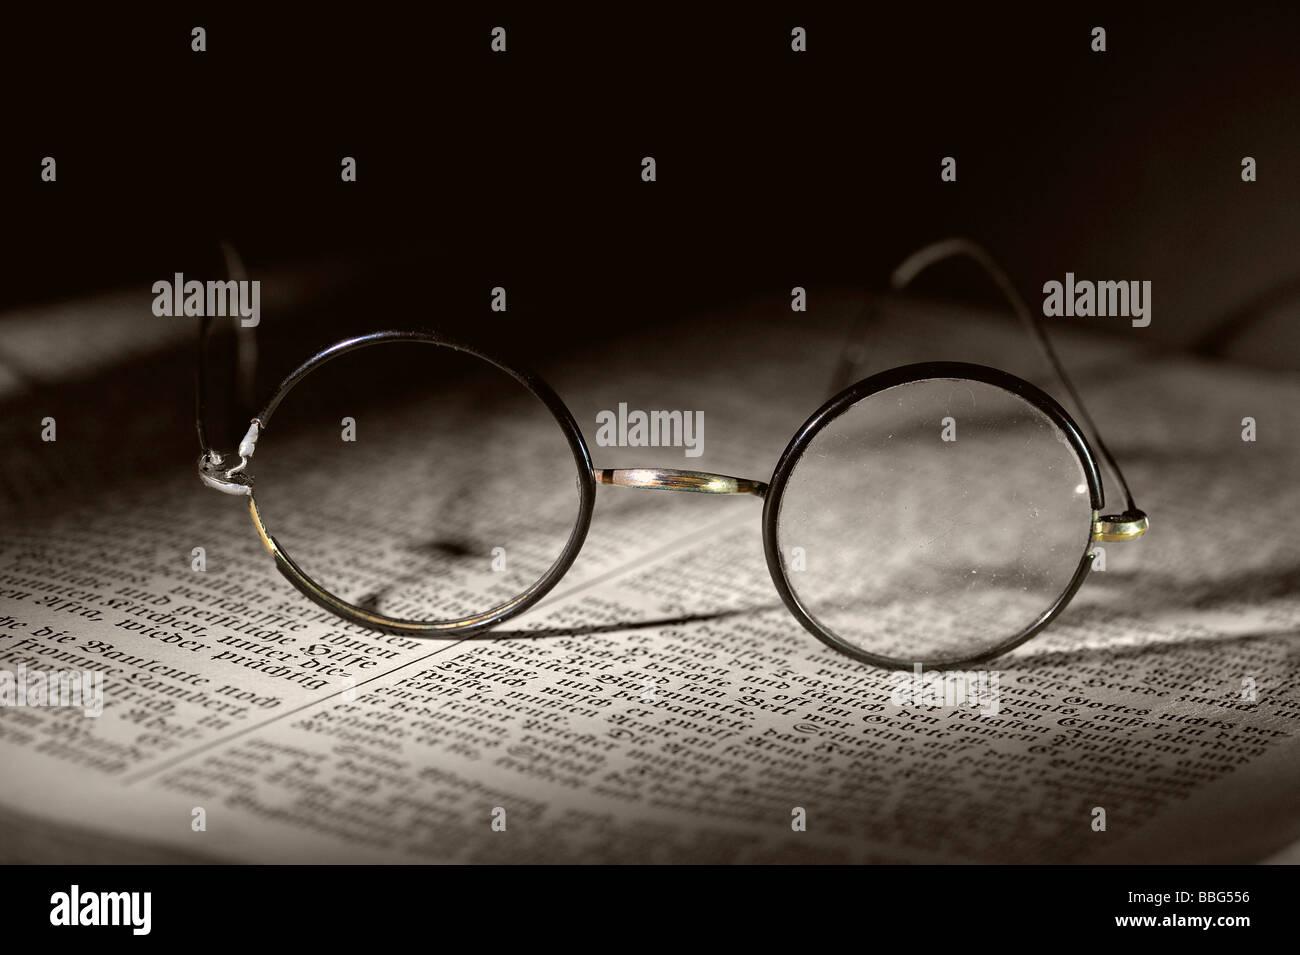 Il vecchio gli occhiali da lettura sul vecchio libro Immagini Stock